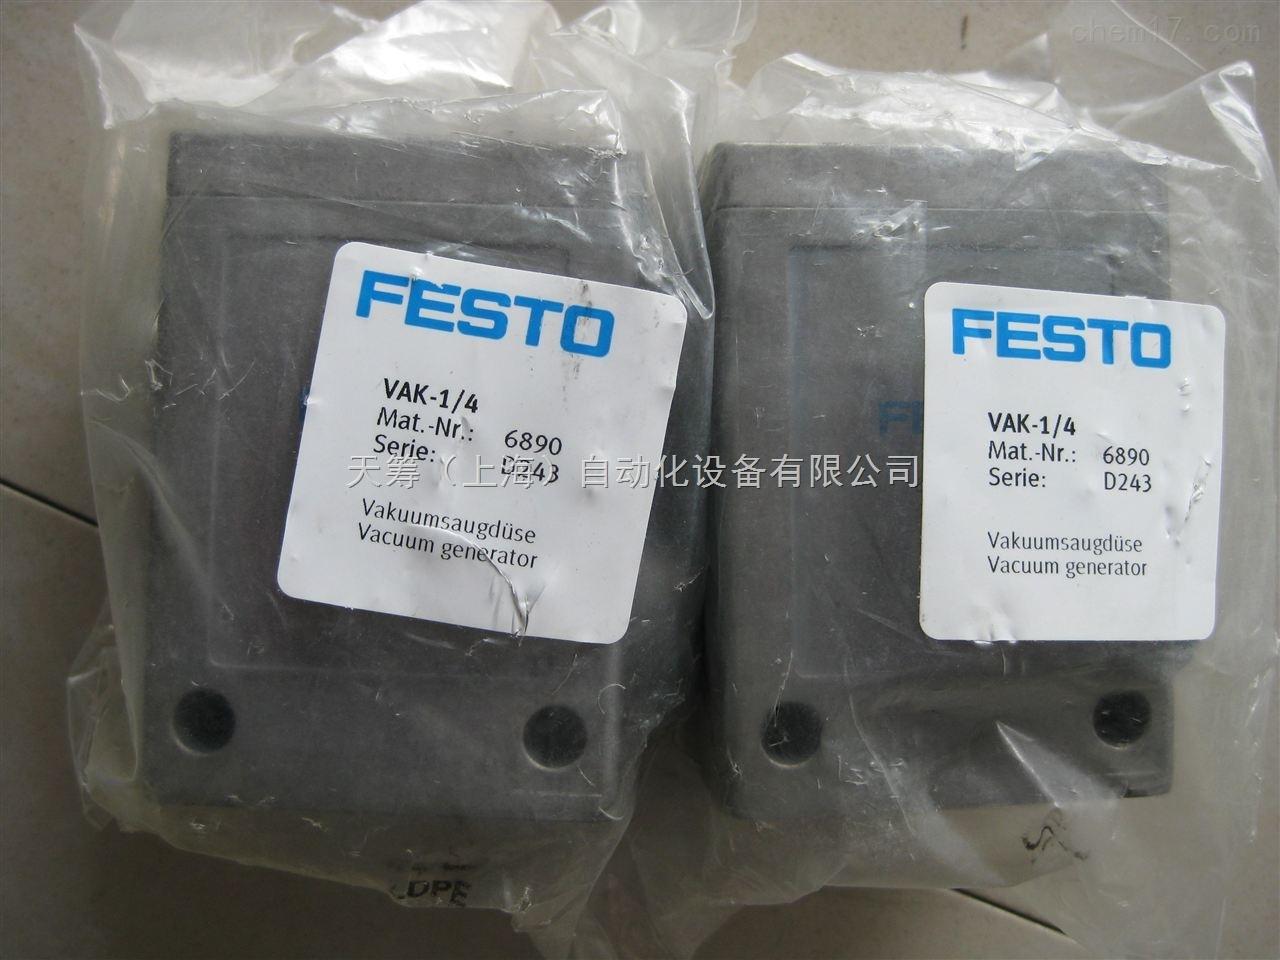 德国festo费斯托真空发生器VAK-1/4 6890